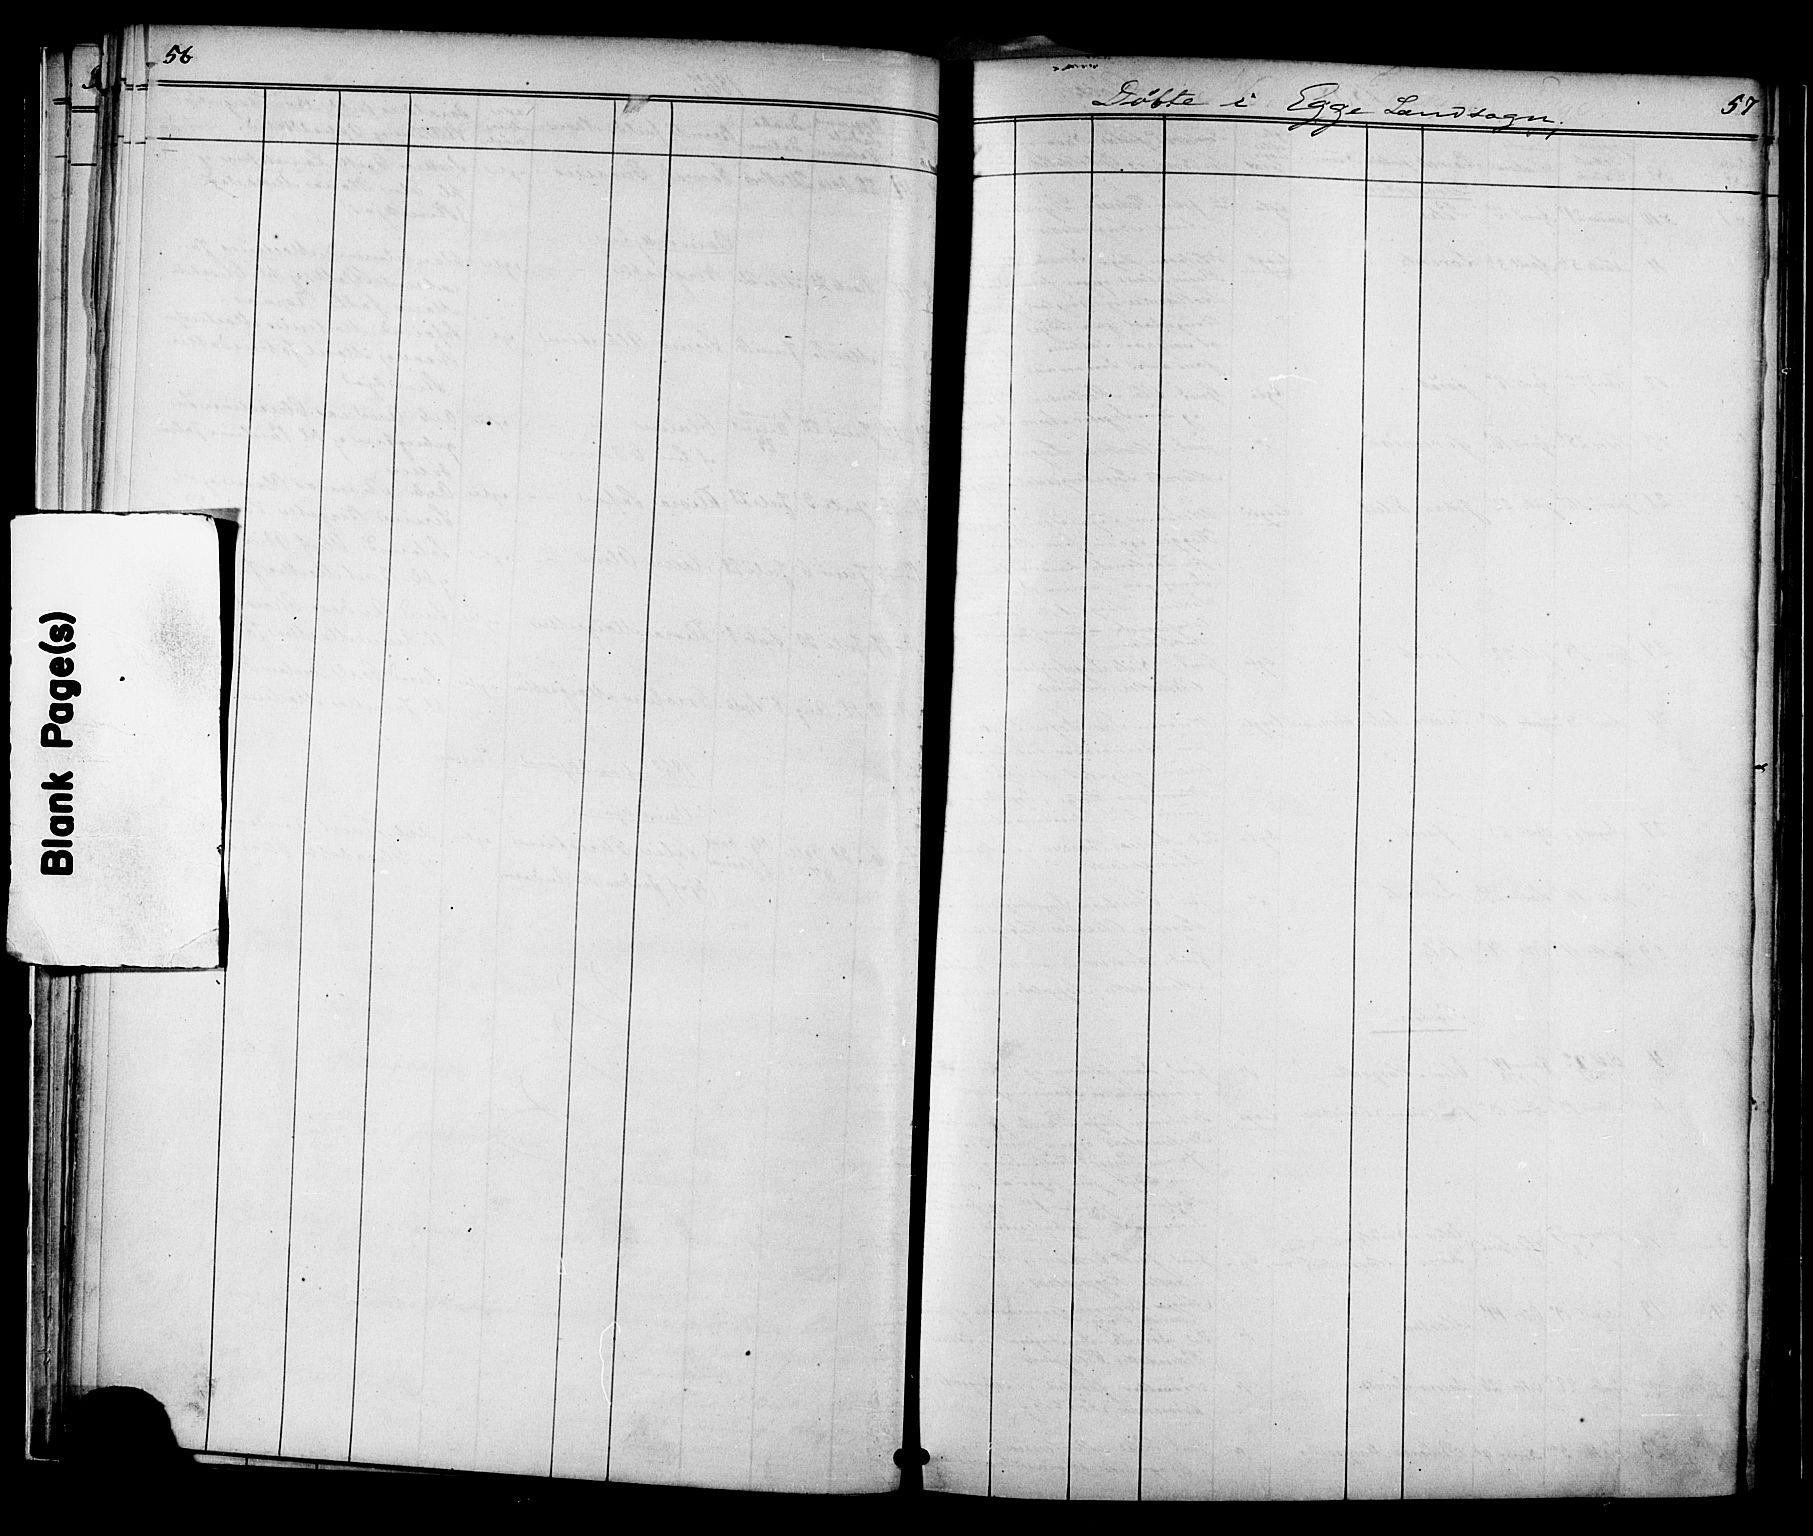 SAT, Ministerialprotokoller, klokkerbøker og fødselsregistre - Nord-Trøndelag, 739/L0367: Ministerialbok nr. 739A01 /3, 1838-1868, s. 56-57